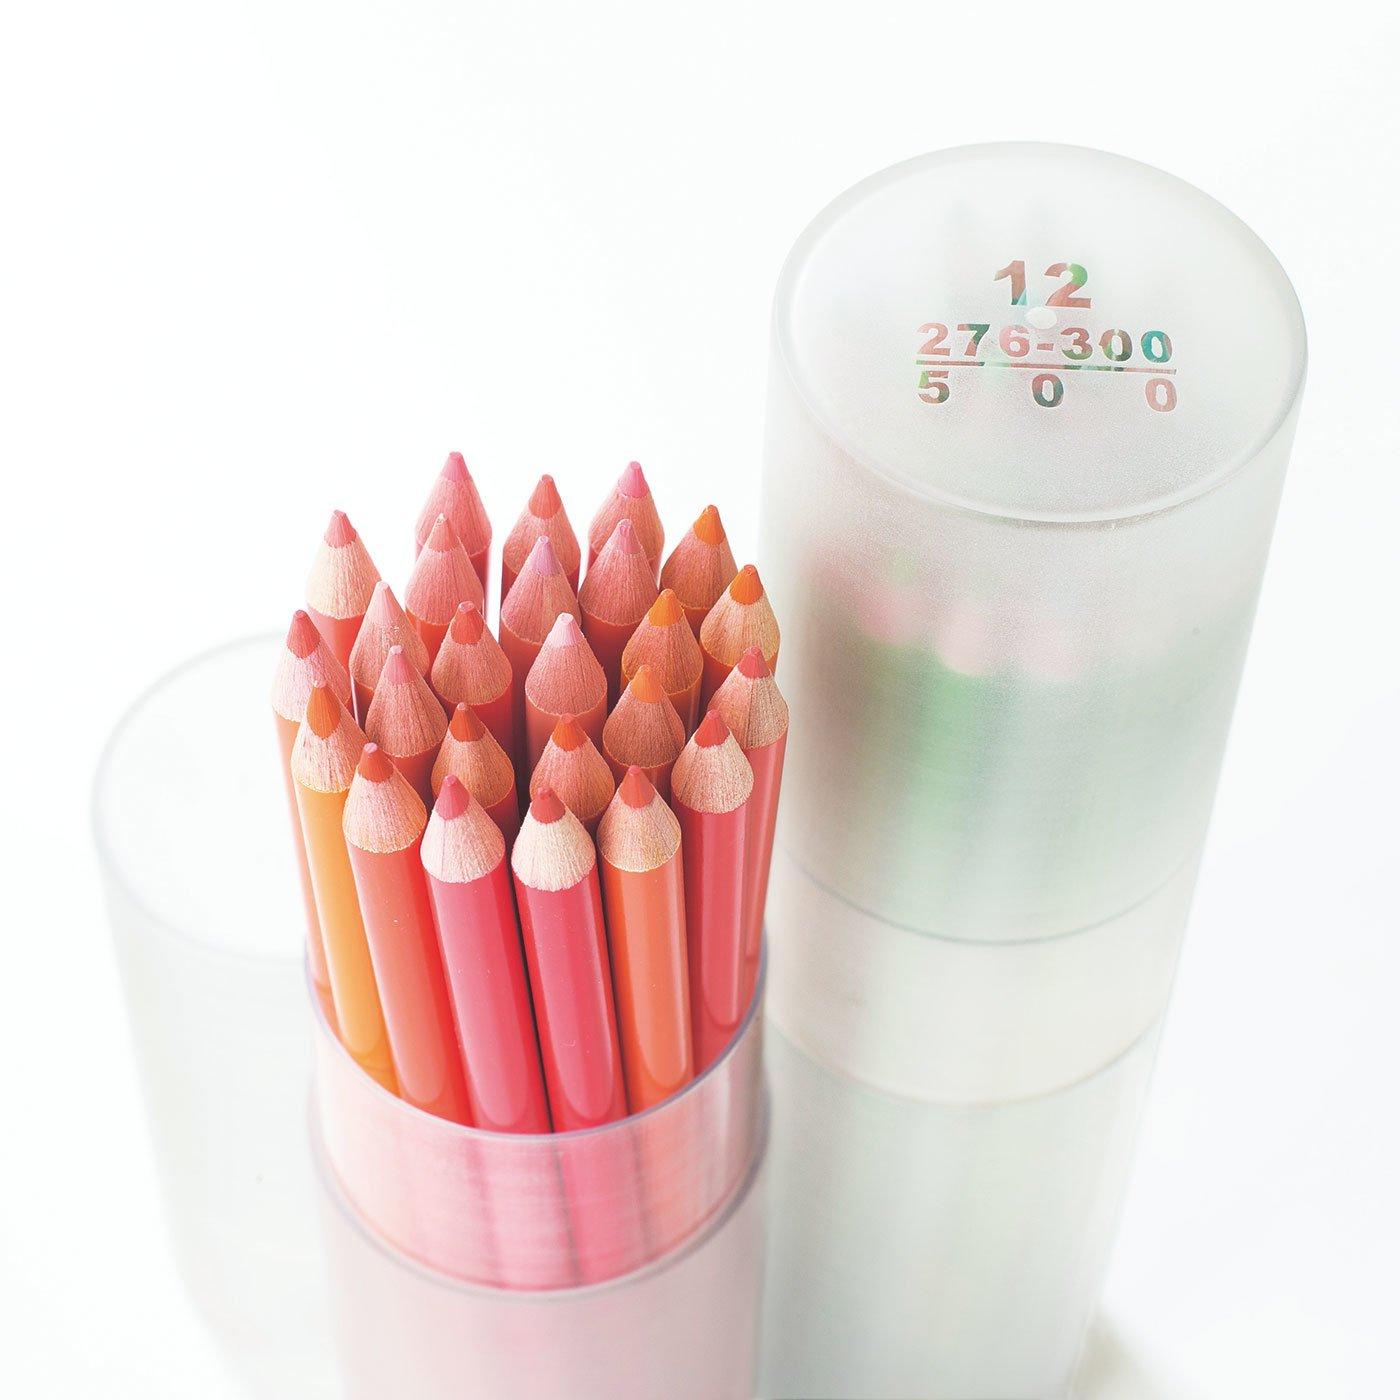 【2個セット特別価格】150色の色えんぴつスペシャルセット